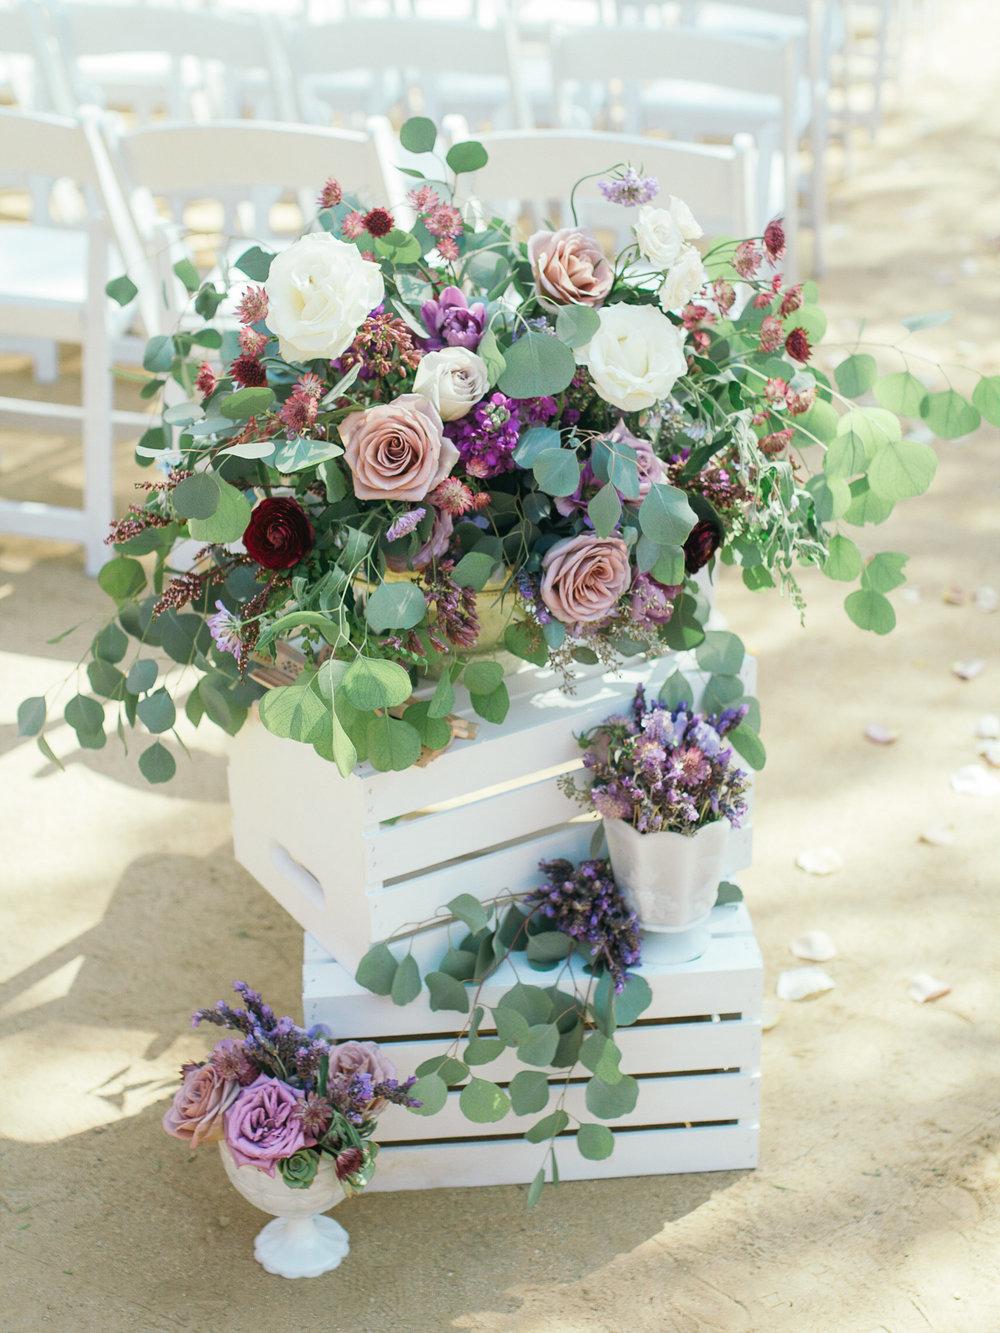 www.SantaBarbaraWeddingStyle | Kiel Rucker Photography | Wedding Planner: Ann Johnson Events | Floral Design: Emma Rose Floral & Design | Ceremony Floral